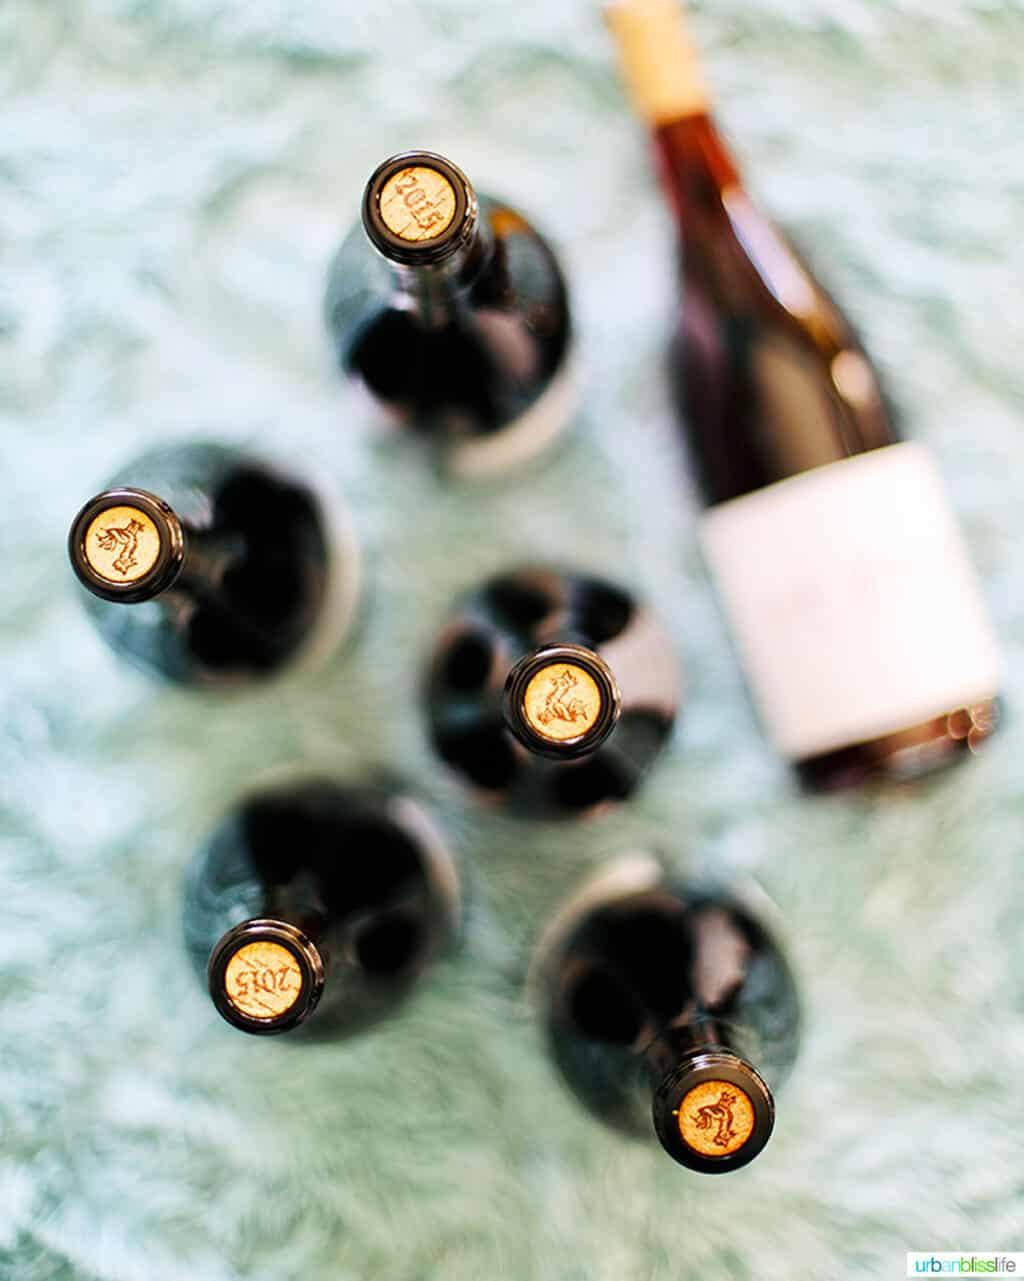 oregon pinot noir bottles corks on blue blanket